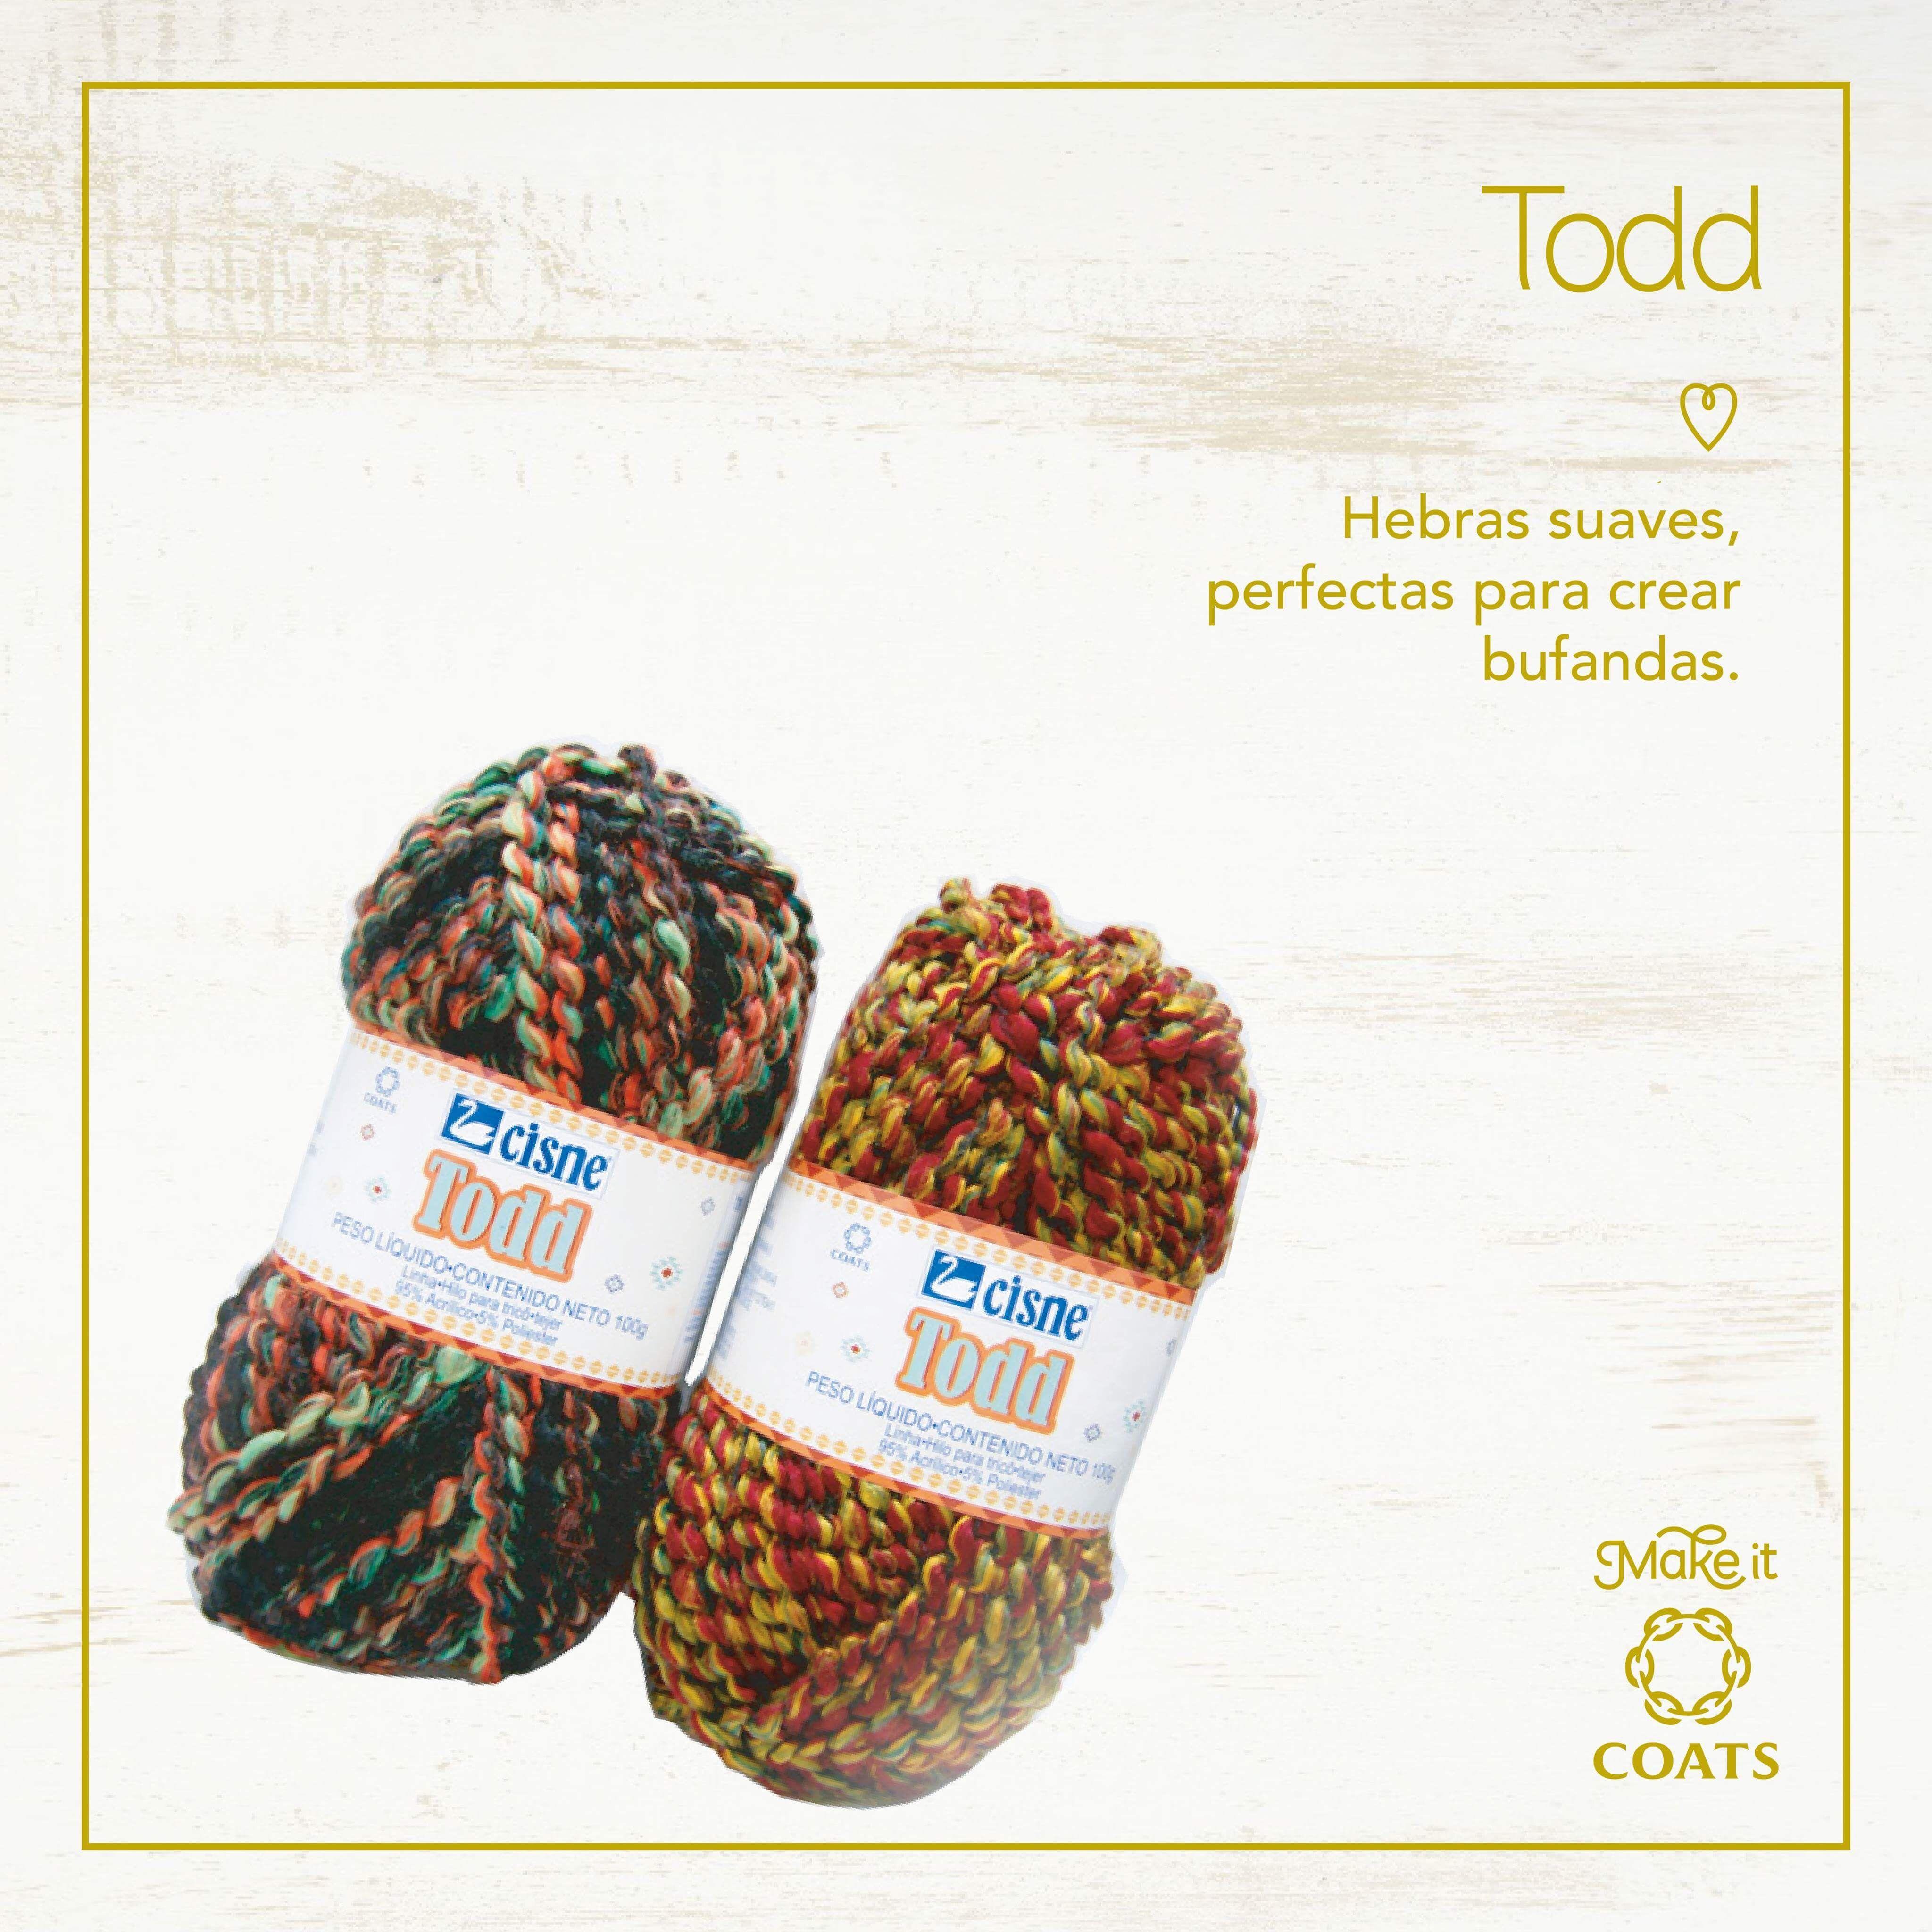 Crea maravillosas bufandas con nuestra lana cisne todd, hermosas ...